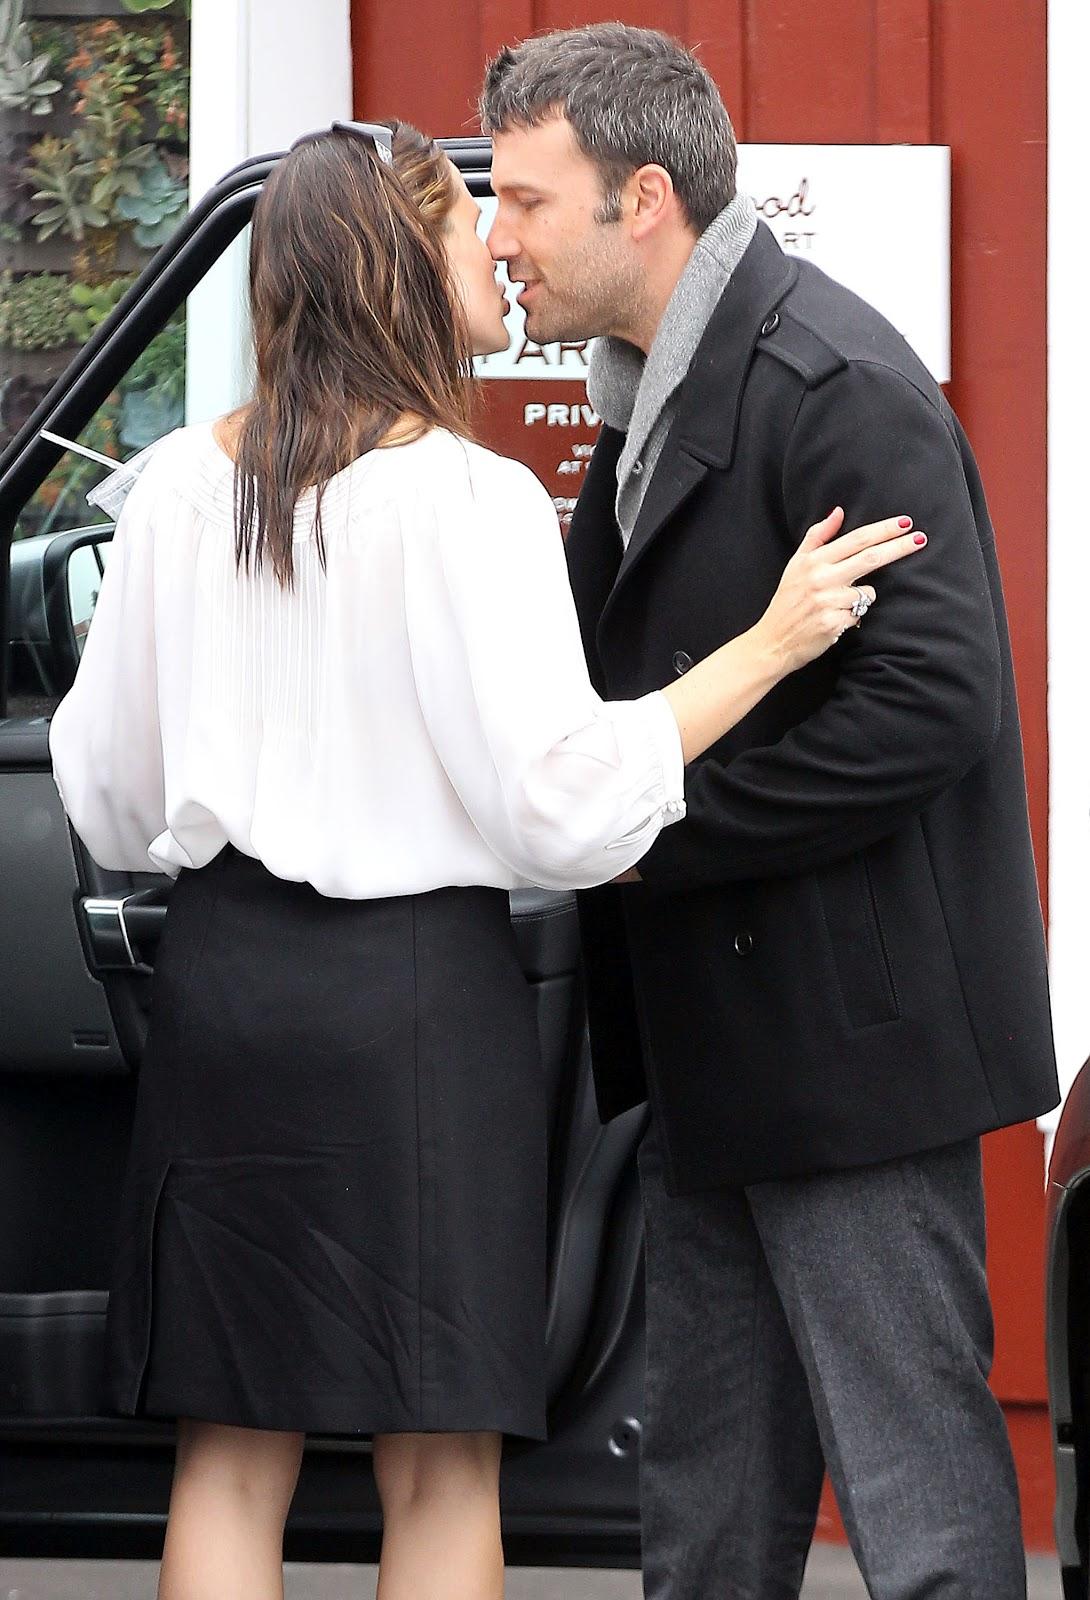 http://1.bp.blogspot.com/-8vnmXW37GBM/UFIVhPKbtZI/AAAAAAAAYDY/bosI0jYecEg/s1600/Ben+Affleck-Kissing-Jennifer+Garner.jpg